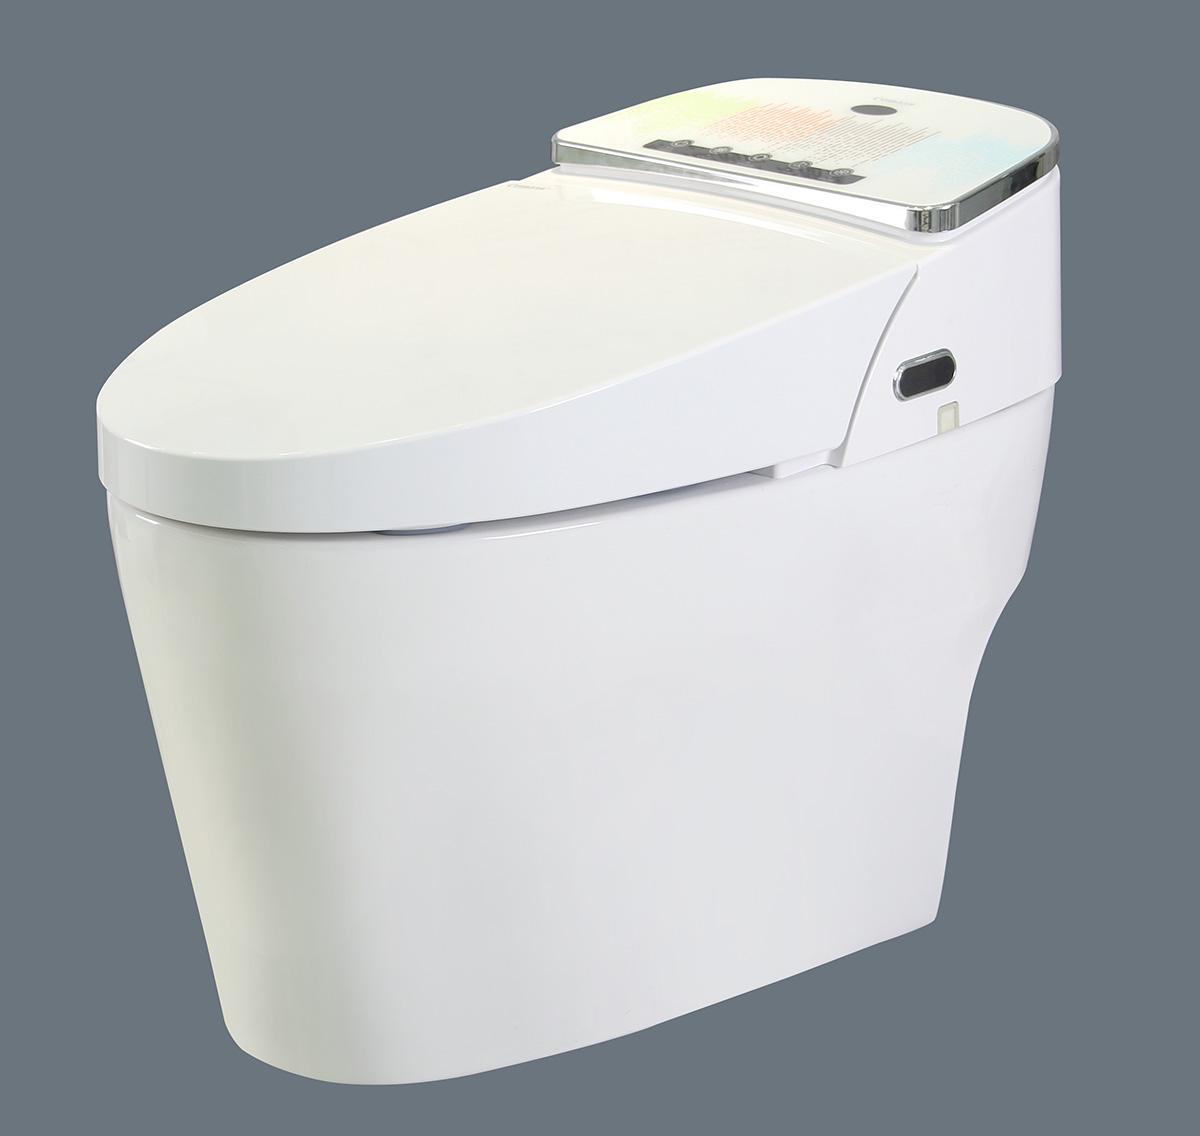 马桶盖 产品型号:i-stool-hamchin-a6002 产品简介:一分钟尿液分析,ap